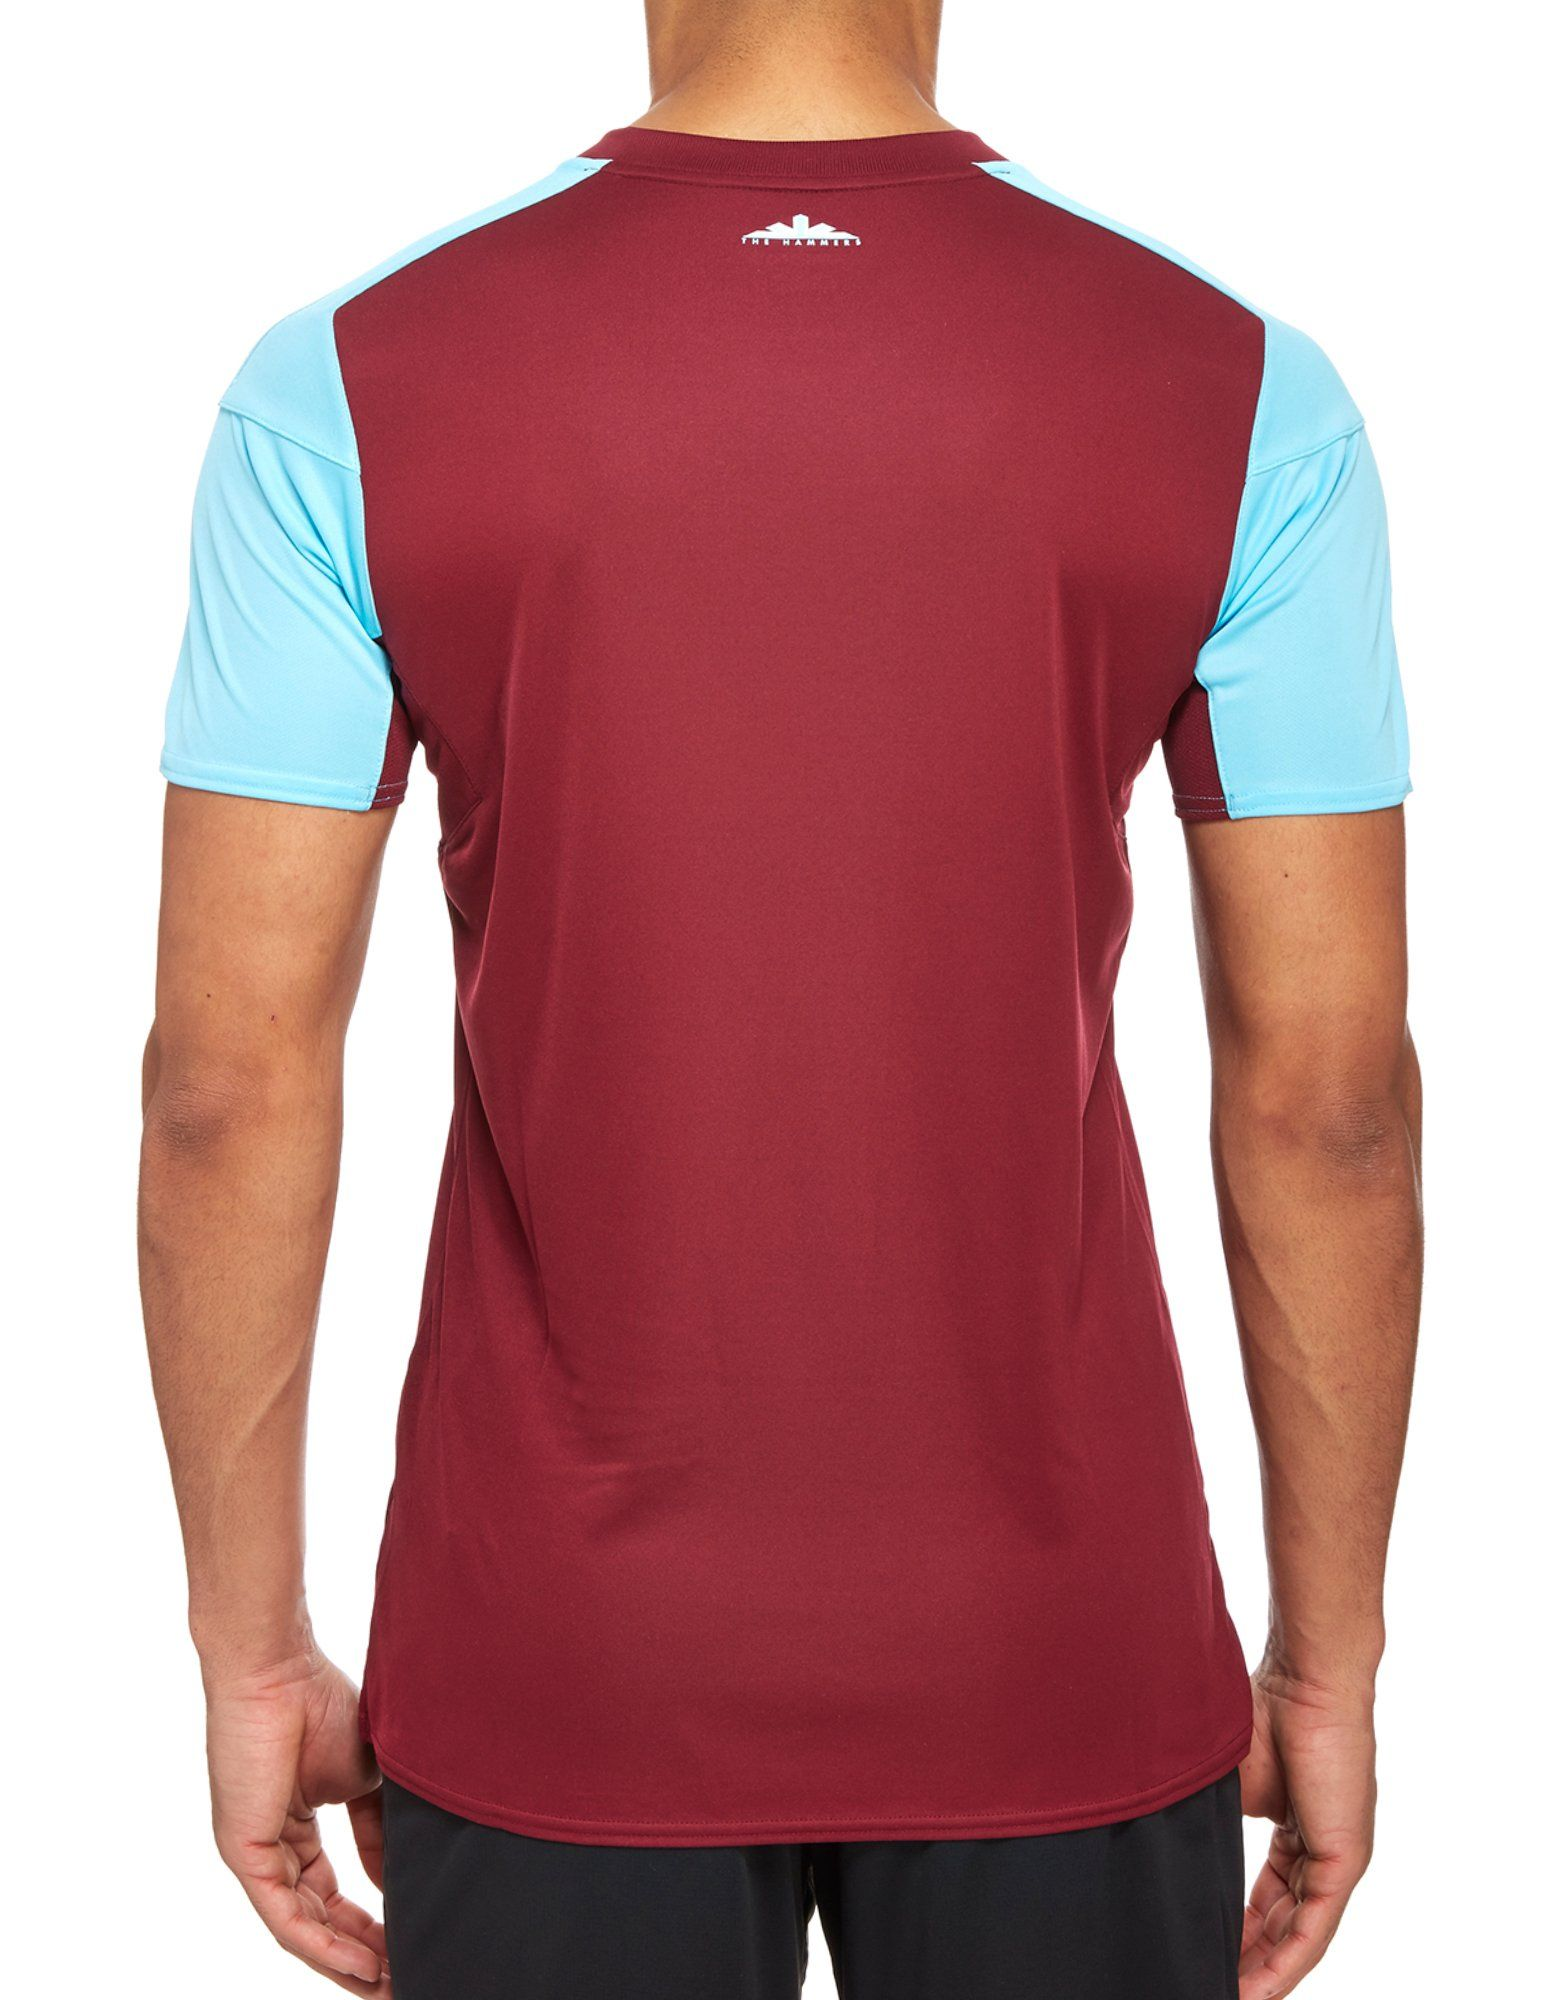 Umbro 18 Umbro Rot 2017 Home Ham West Shirt United West rYxTwr